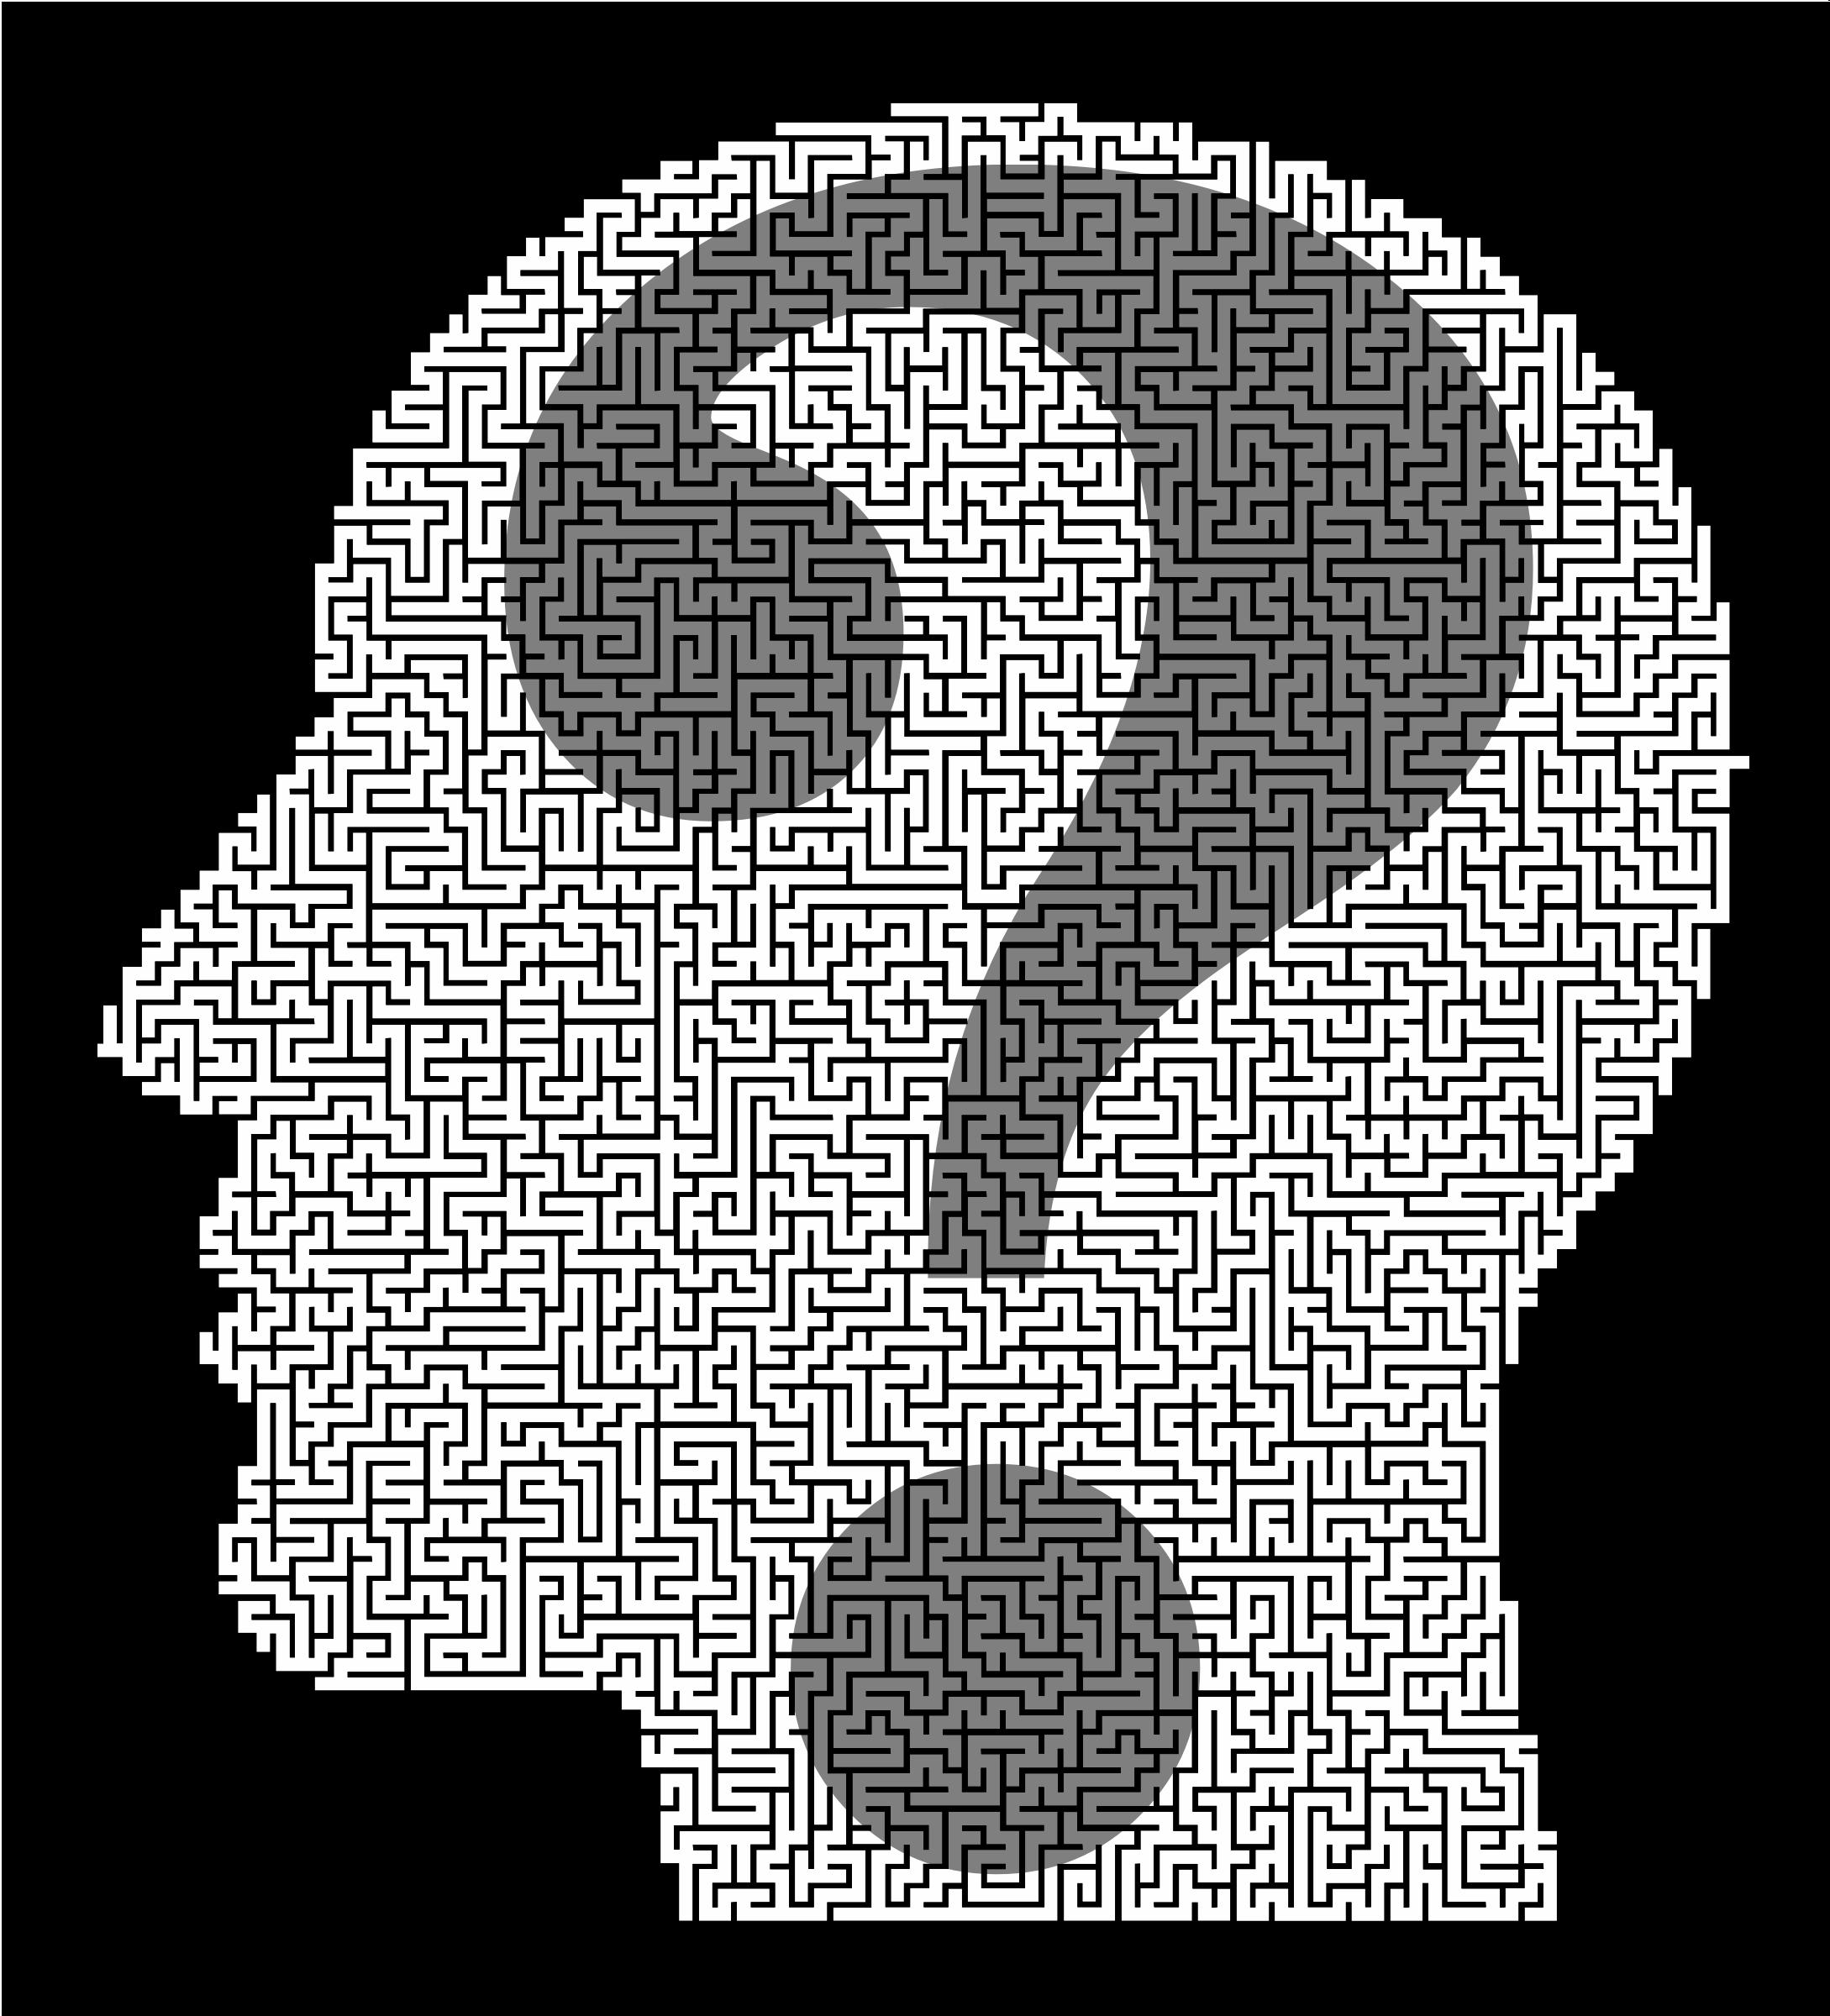 Man head question mark. Maze clipart brain